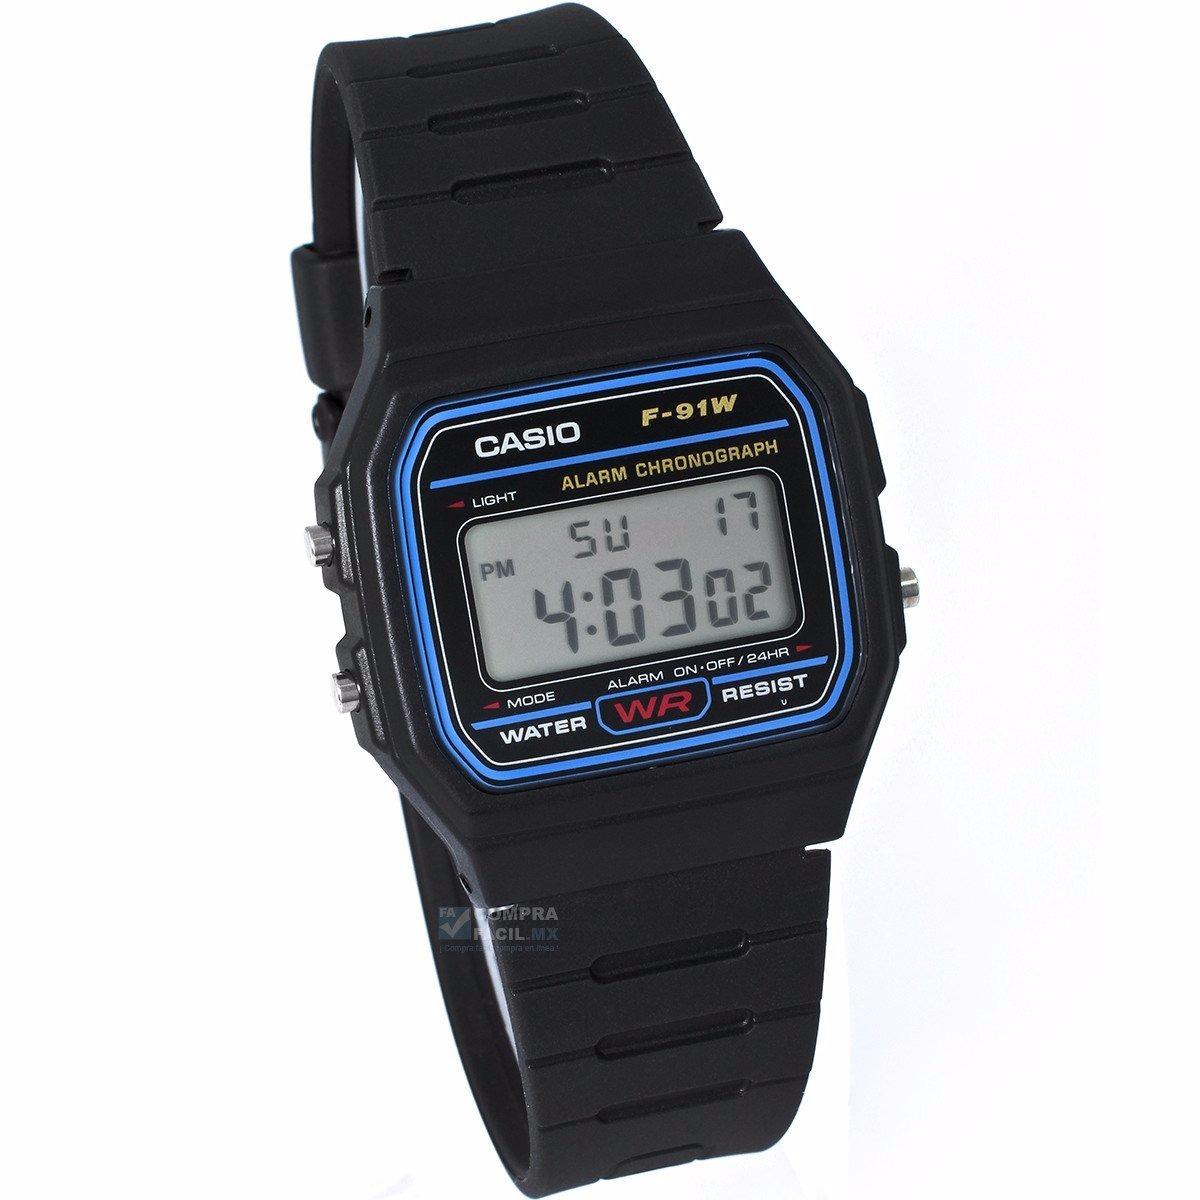 a60b04afdc4e Reloj Casio Retro F91 Moda Retro Vintage- 100% Original Cfmx ...